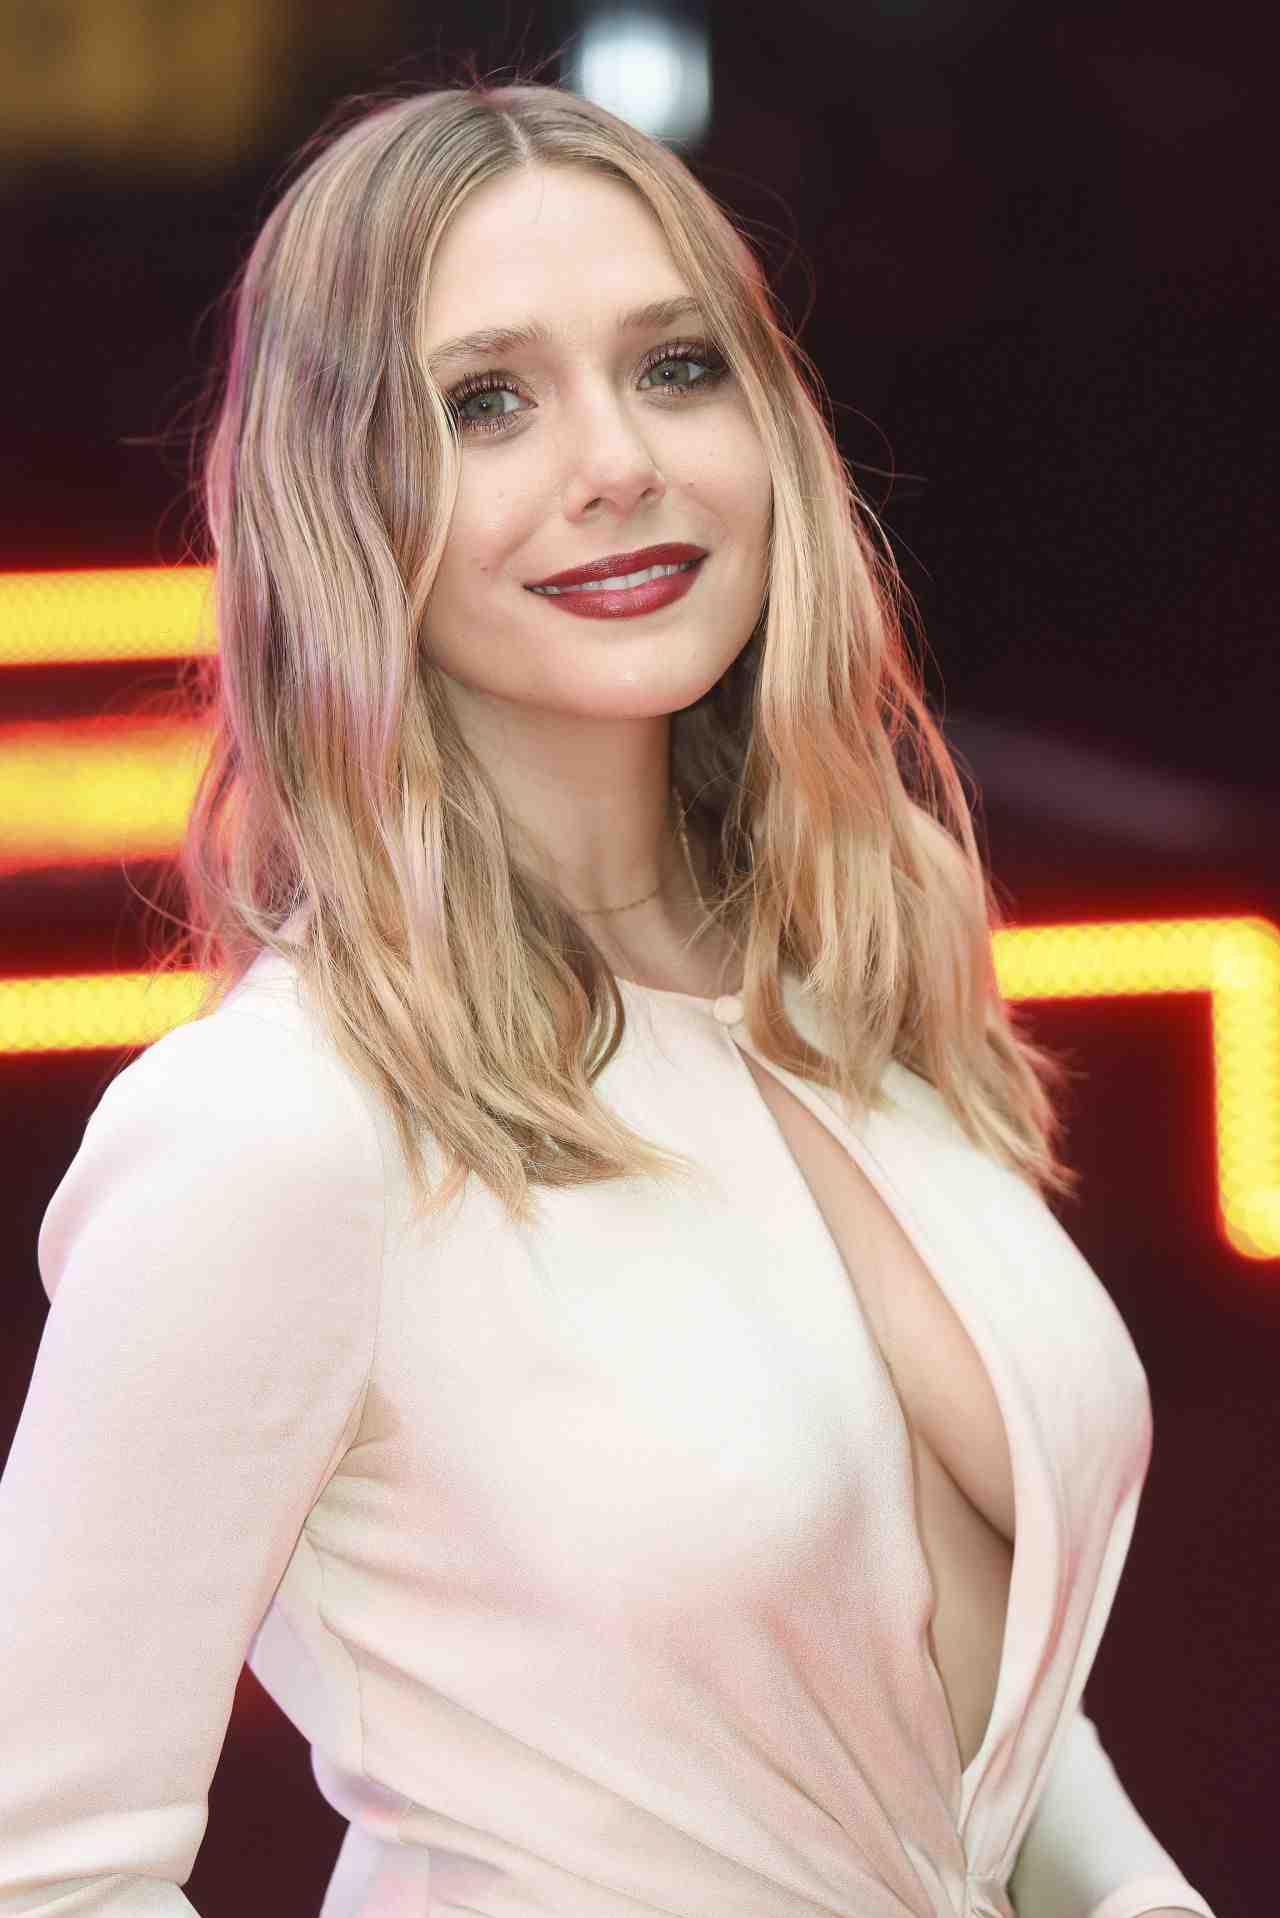 Elizabeth Olsen born February 16, 1989 (age 29)